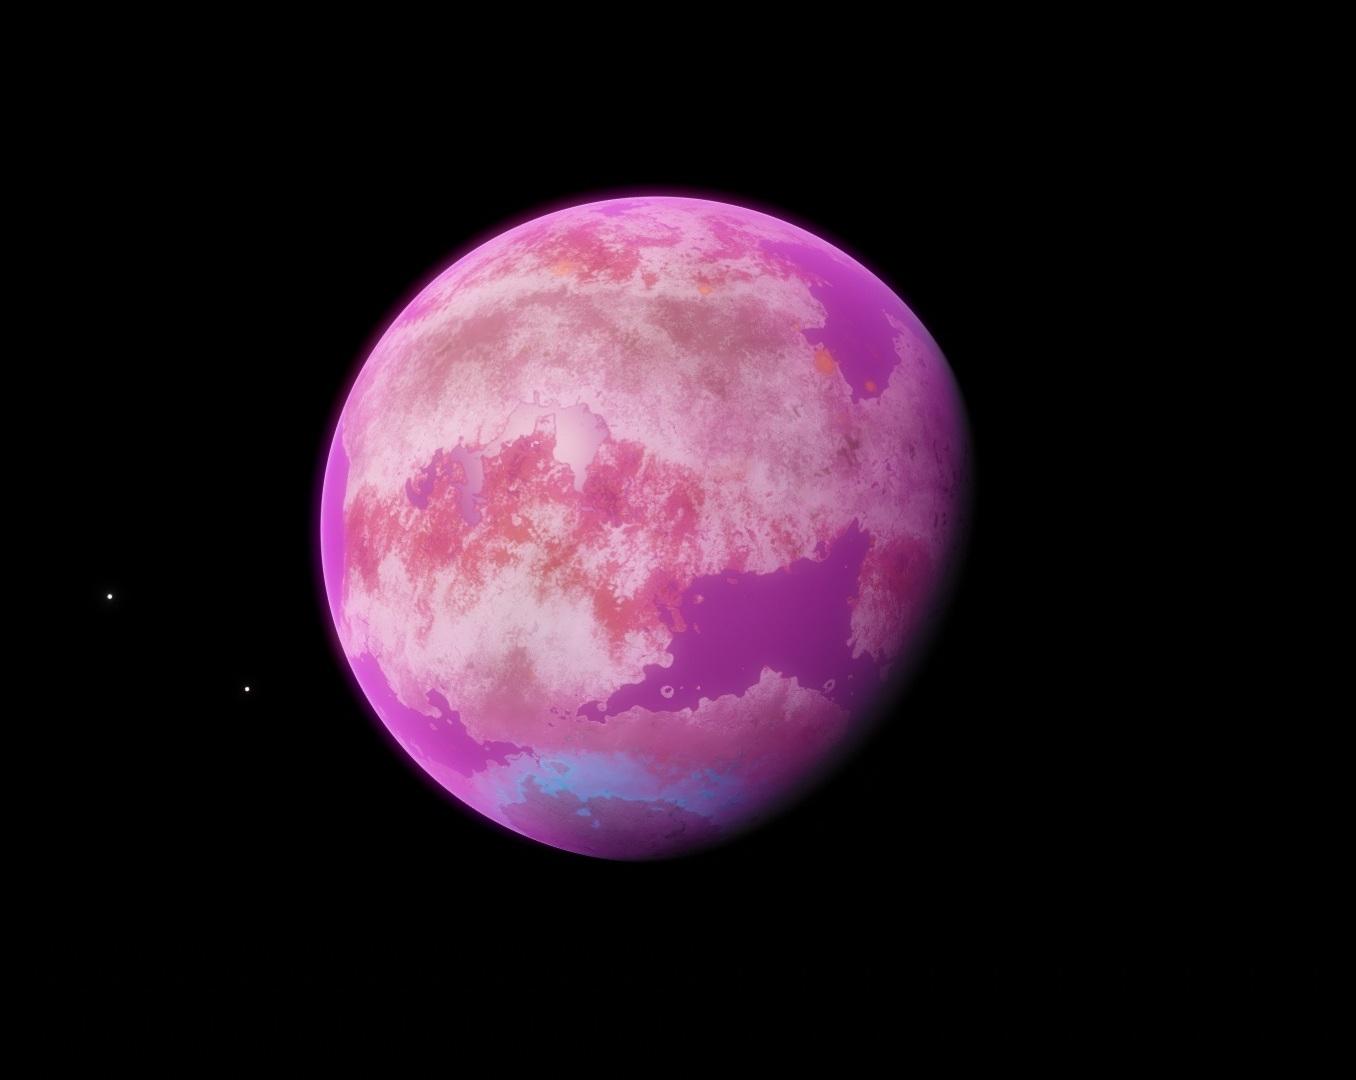 Scoperto 'Farout' il pianeta più lontano del Sistema Solare